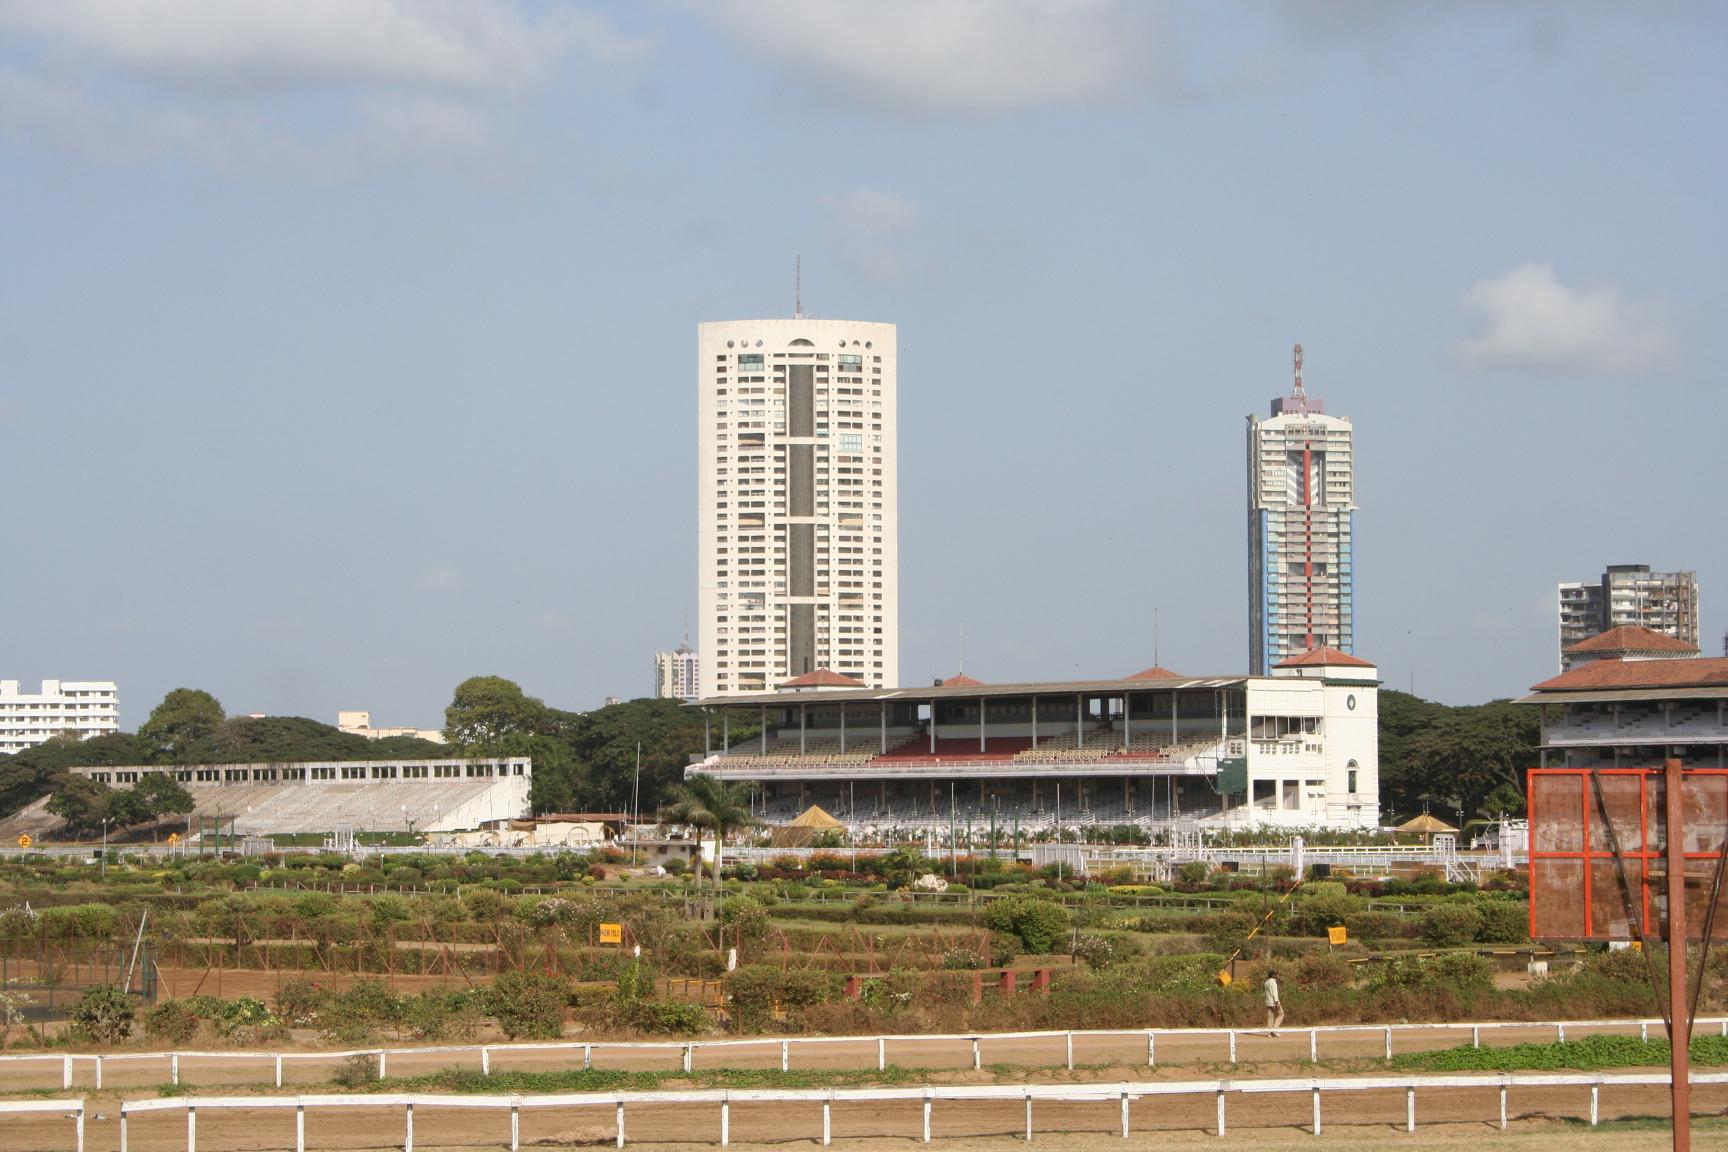 Mahalaxmi Racecourse From Wikipedia